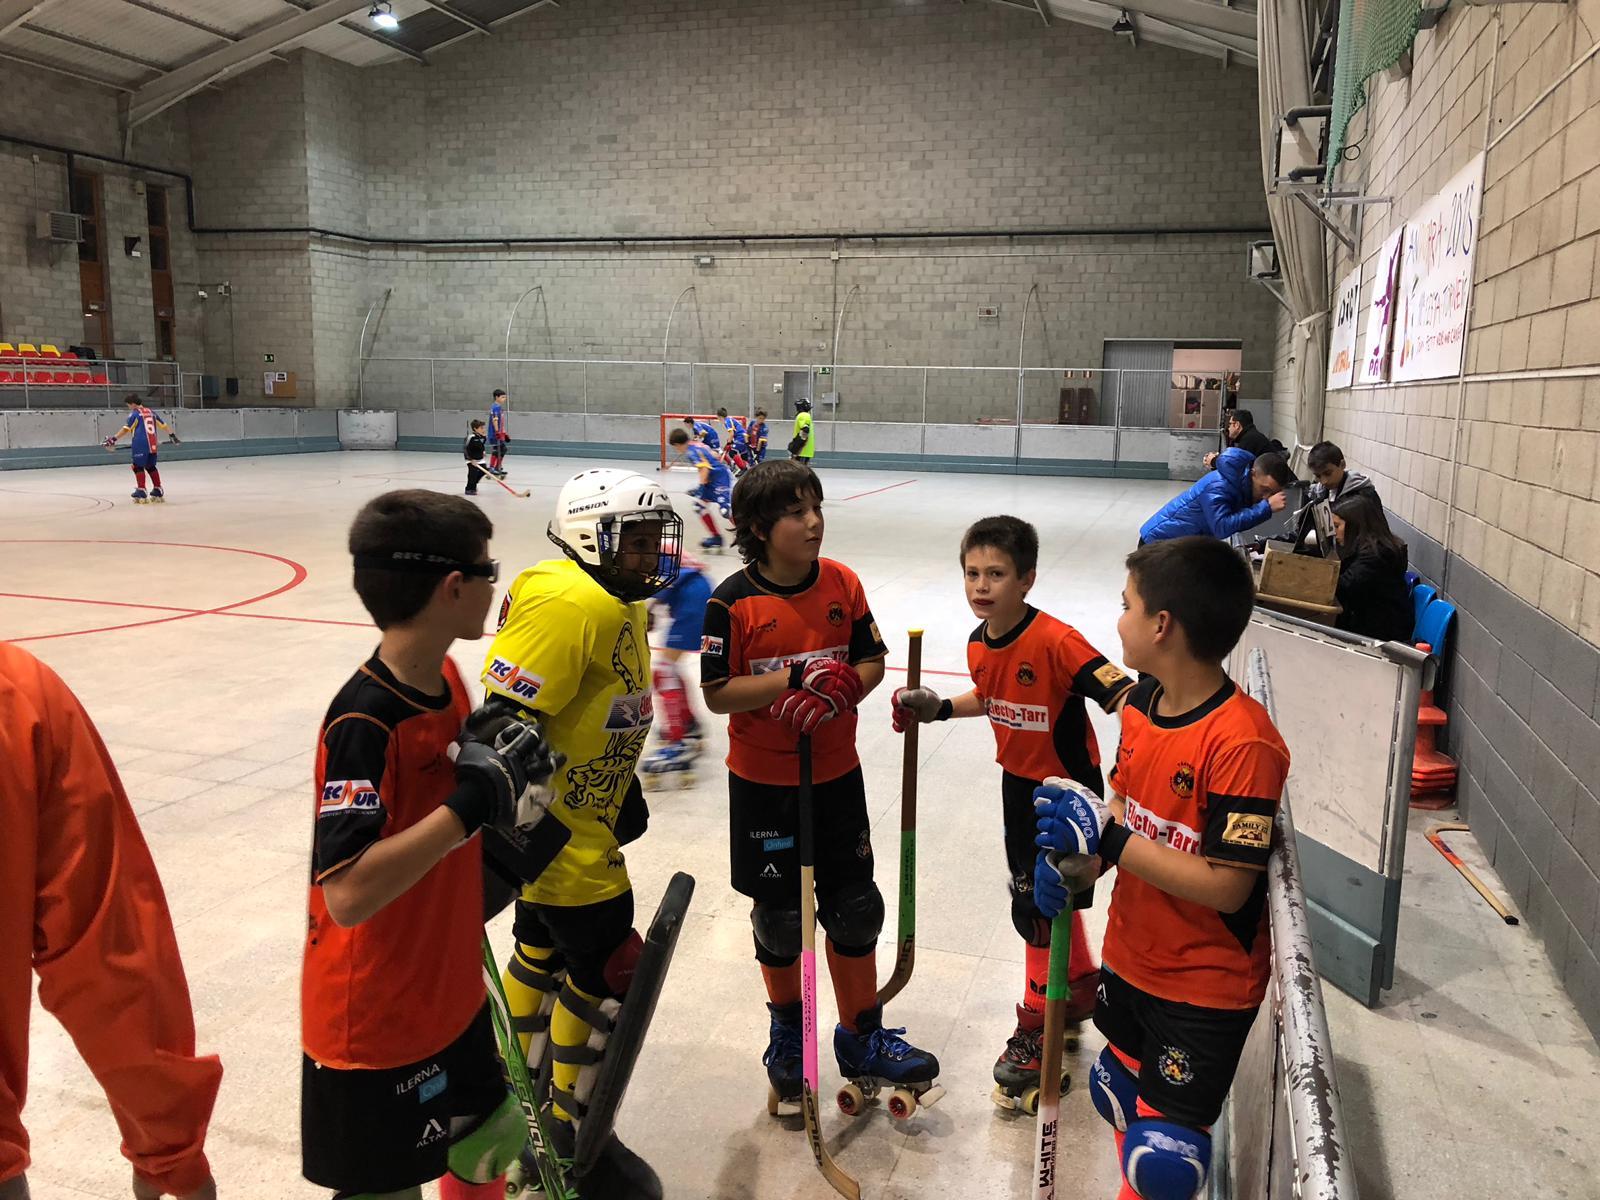 Crònica TÀRREGA HOQUEI PATINS CLUB,   28-10-2018 – Jornada 5